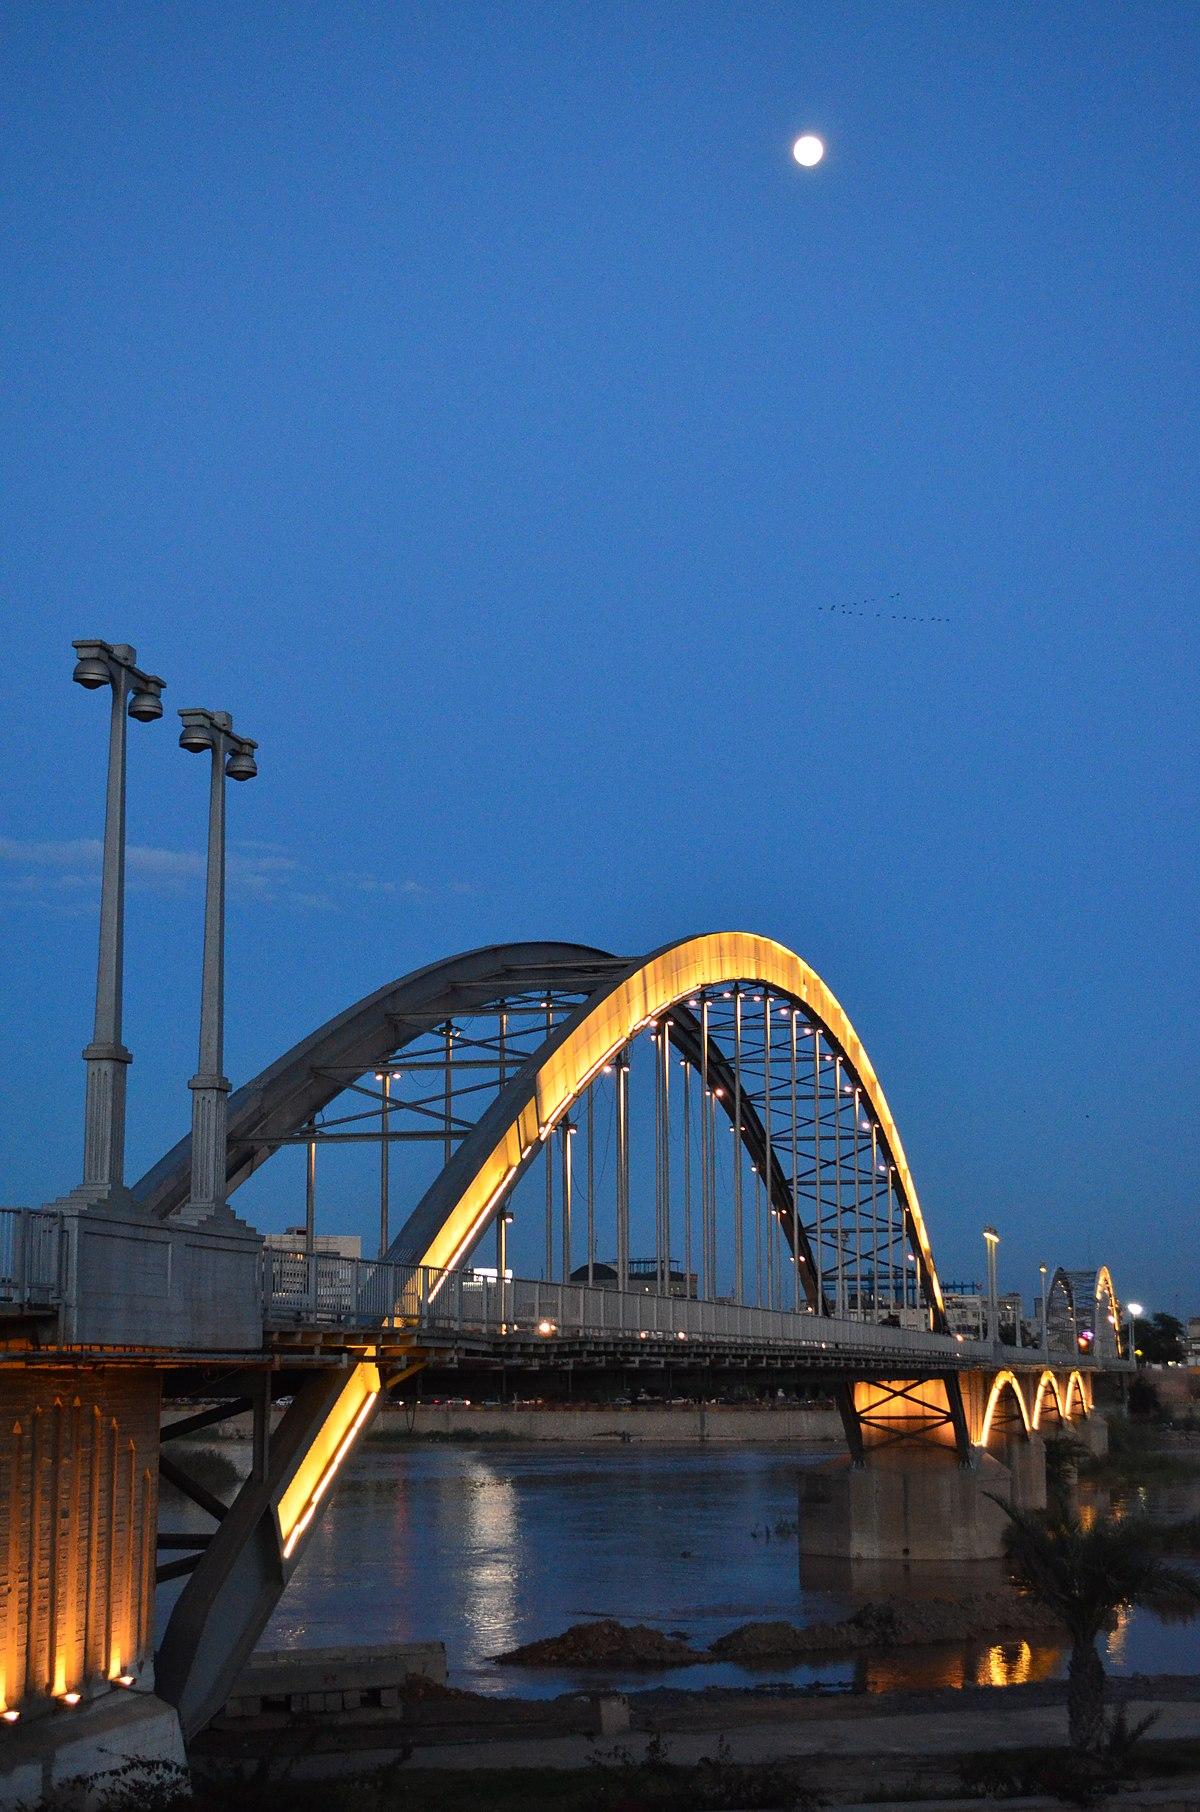 پل سفید اهواز - ویکیپدیا، دانشنامهٔ آزاد